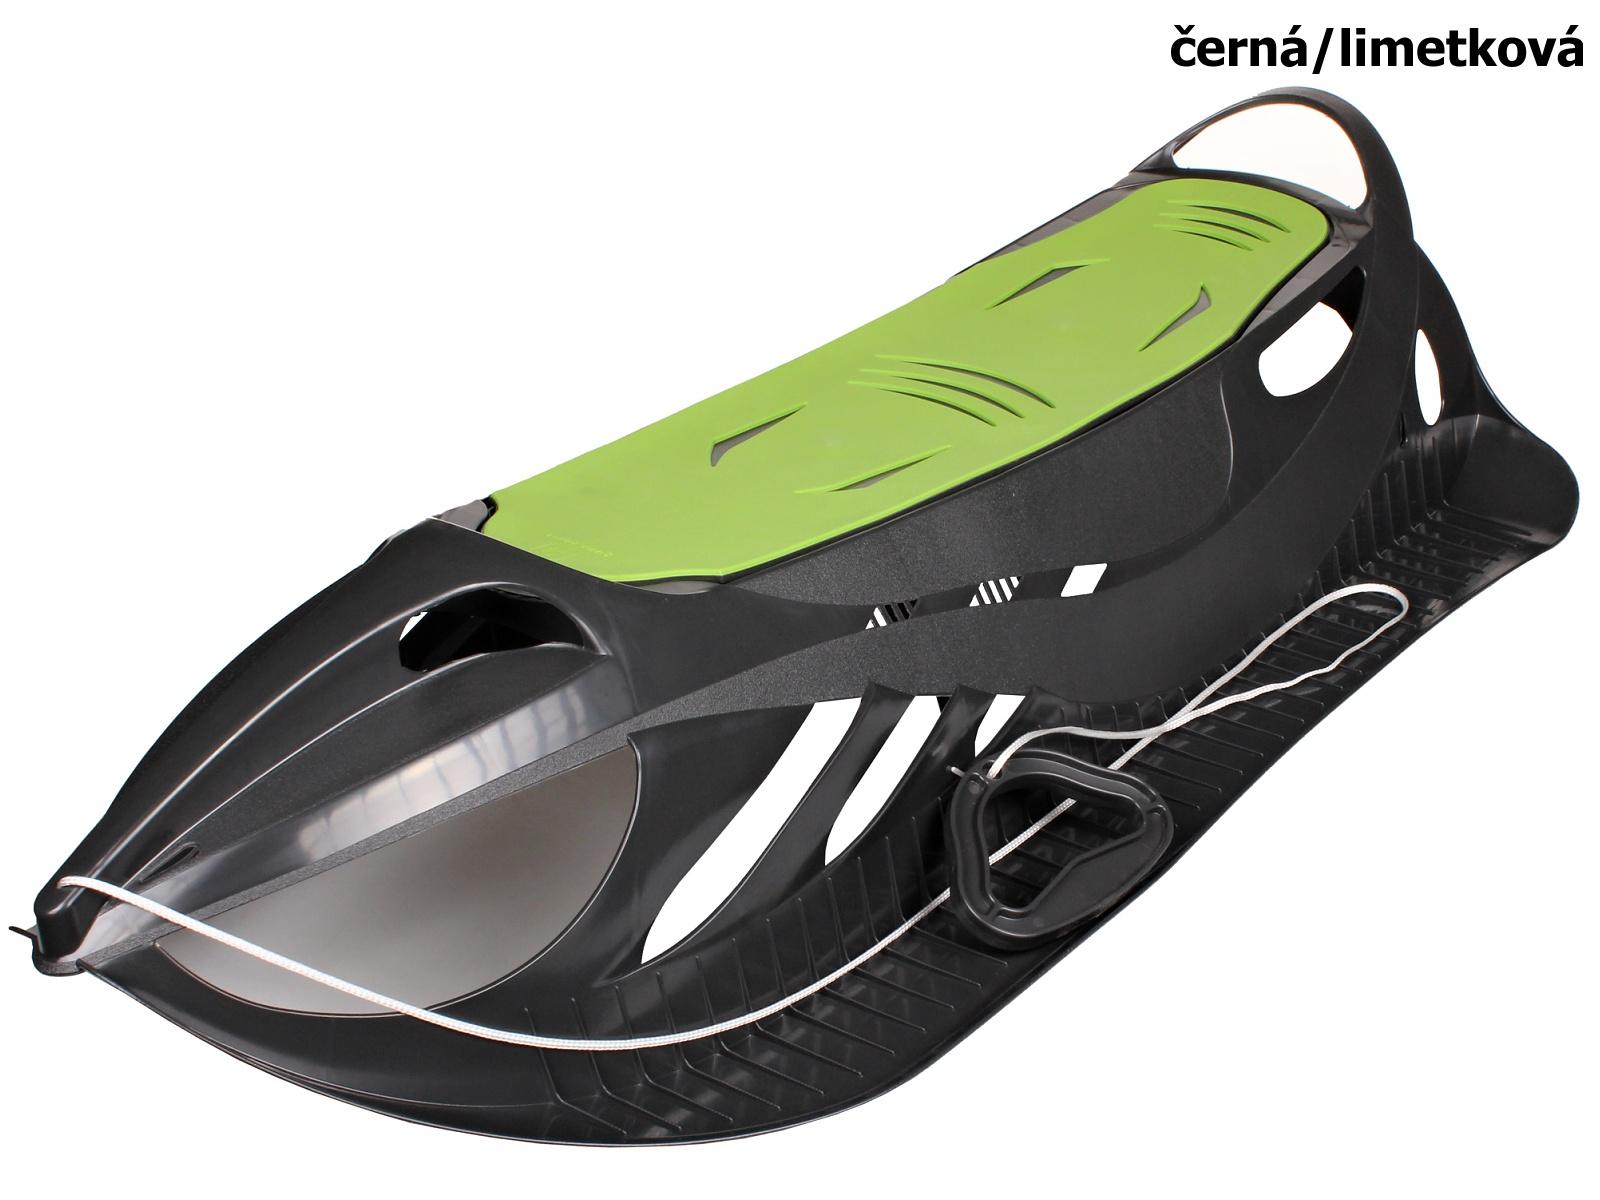 Sane MERCO Neon Grip plastové čierno-limetkové